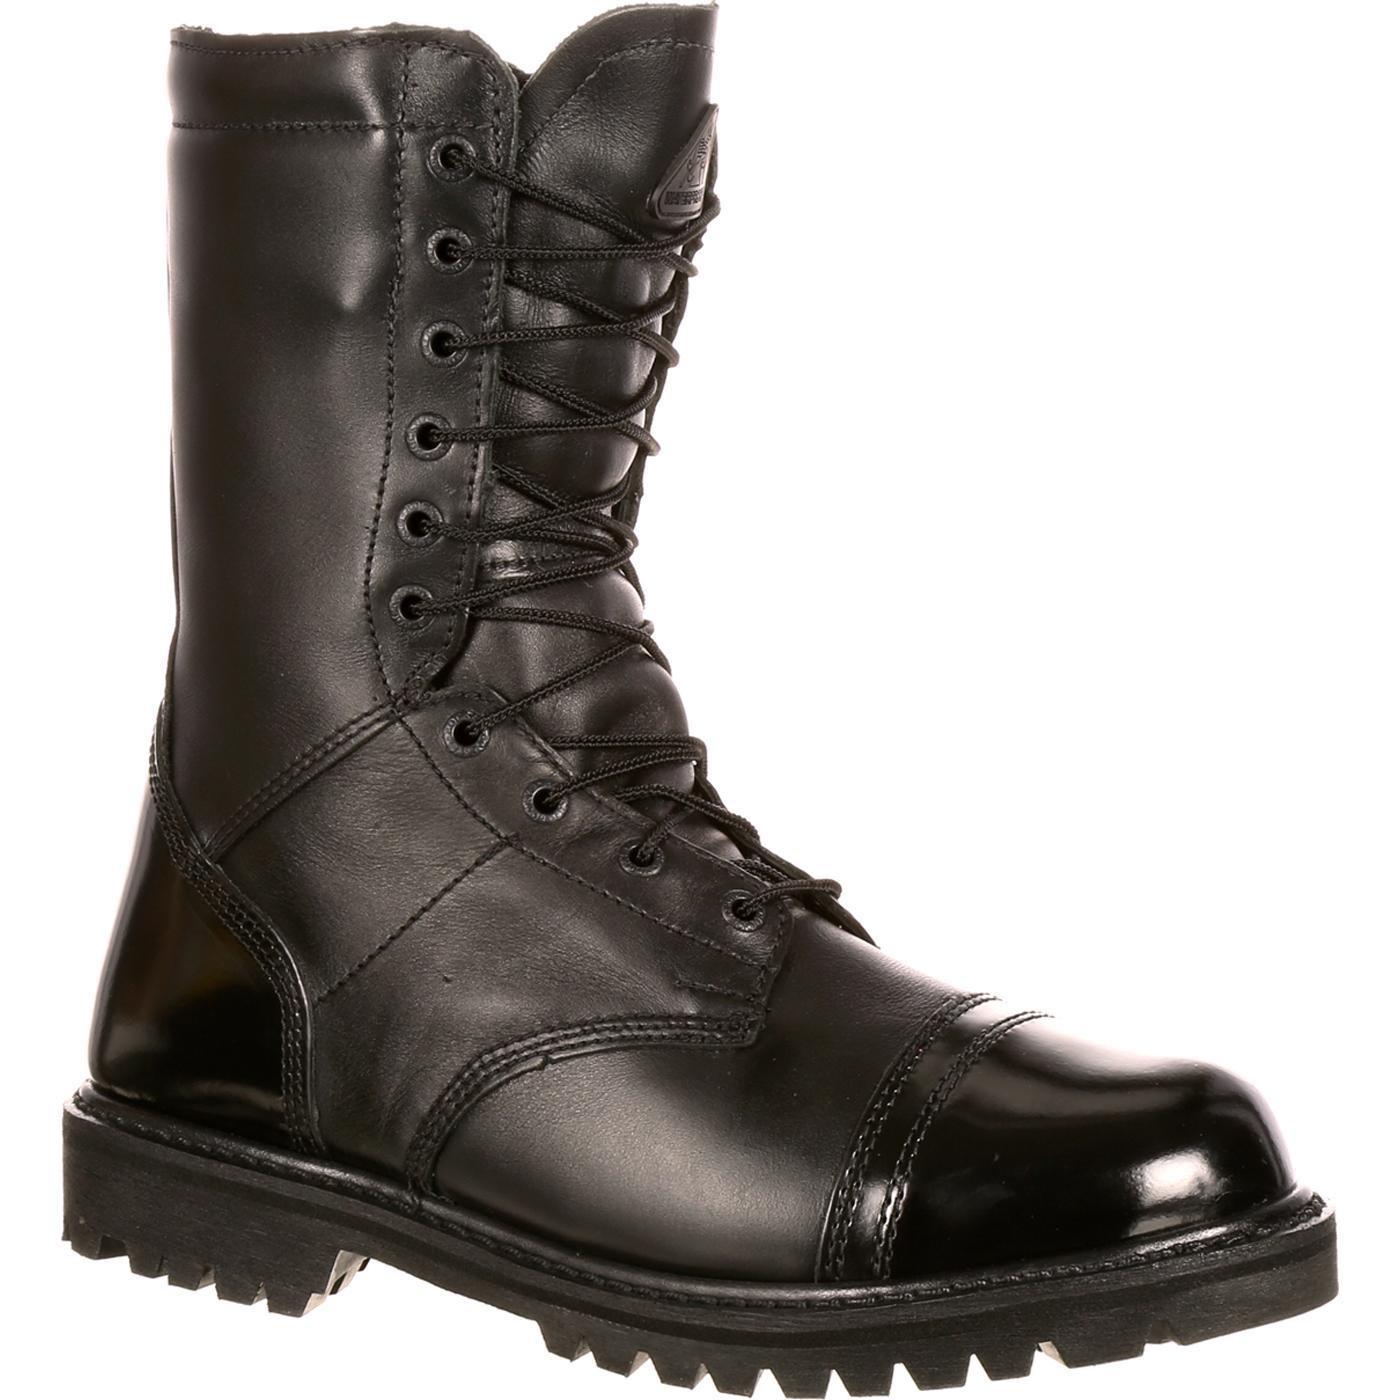 Rocky Men S Waterproof Zipper Paratrooper Boots Fq0002095